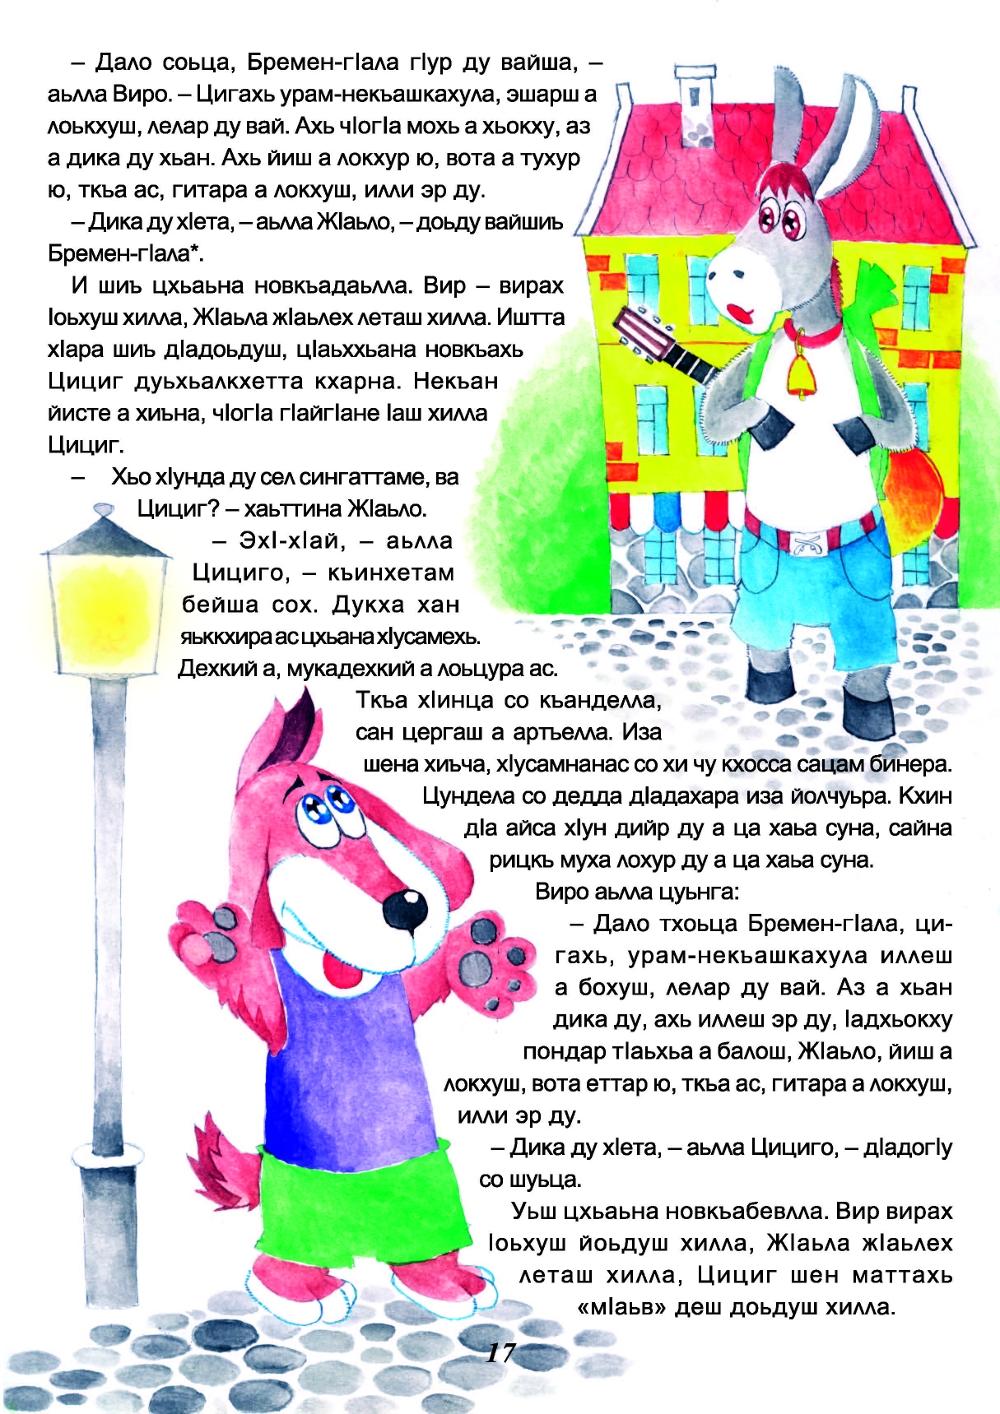 Чеченский язык. Чеченский сайт. Учим чеченский. Читать на чеченском языке. Chechen language